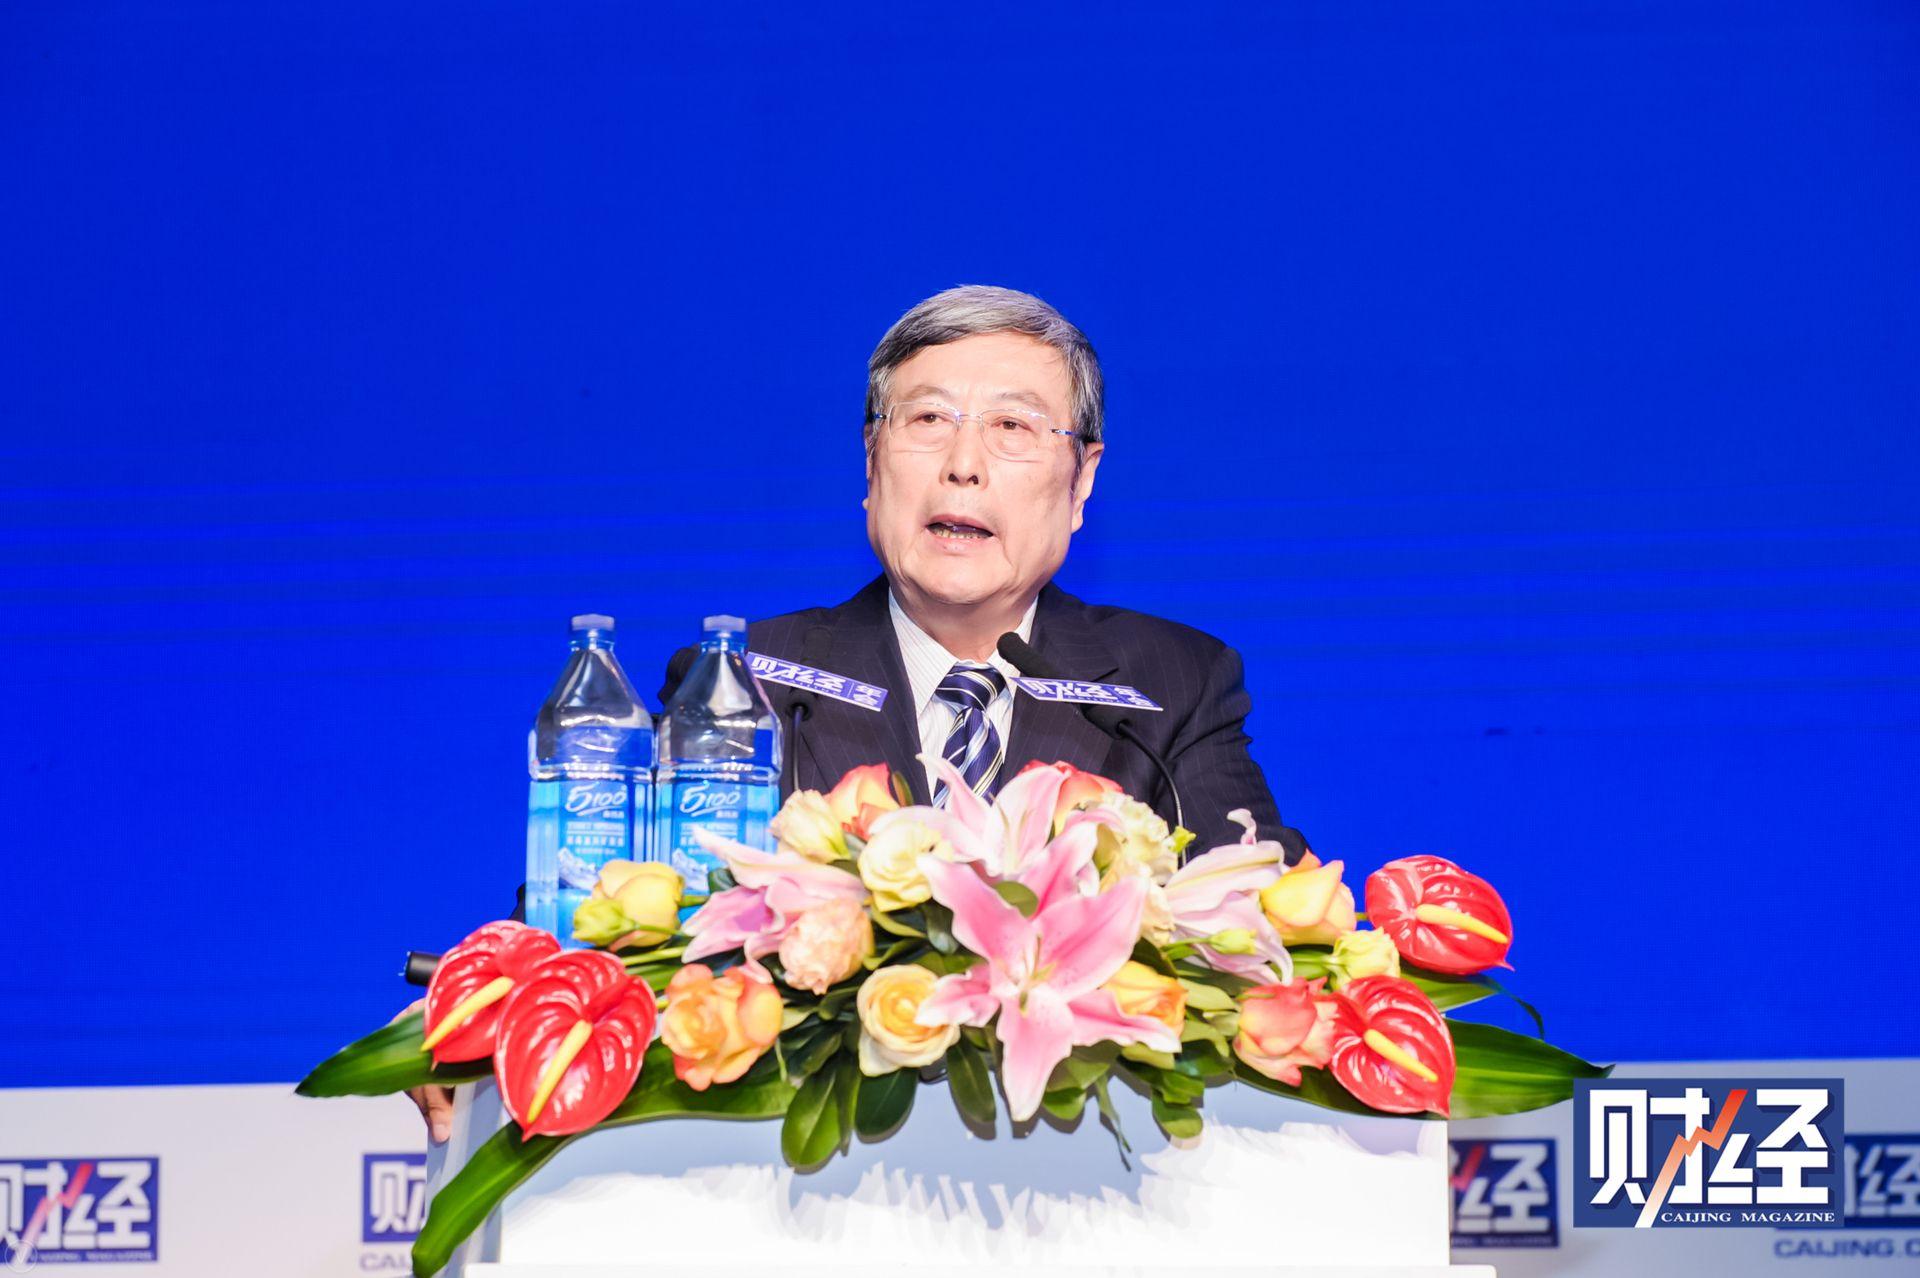 黄孟复:大幅度减税降费势在必行,银行应帮助企业渡过难关